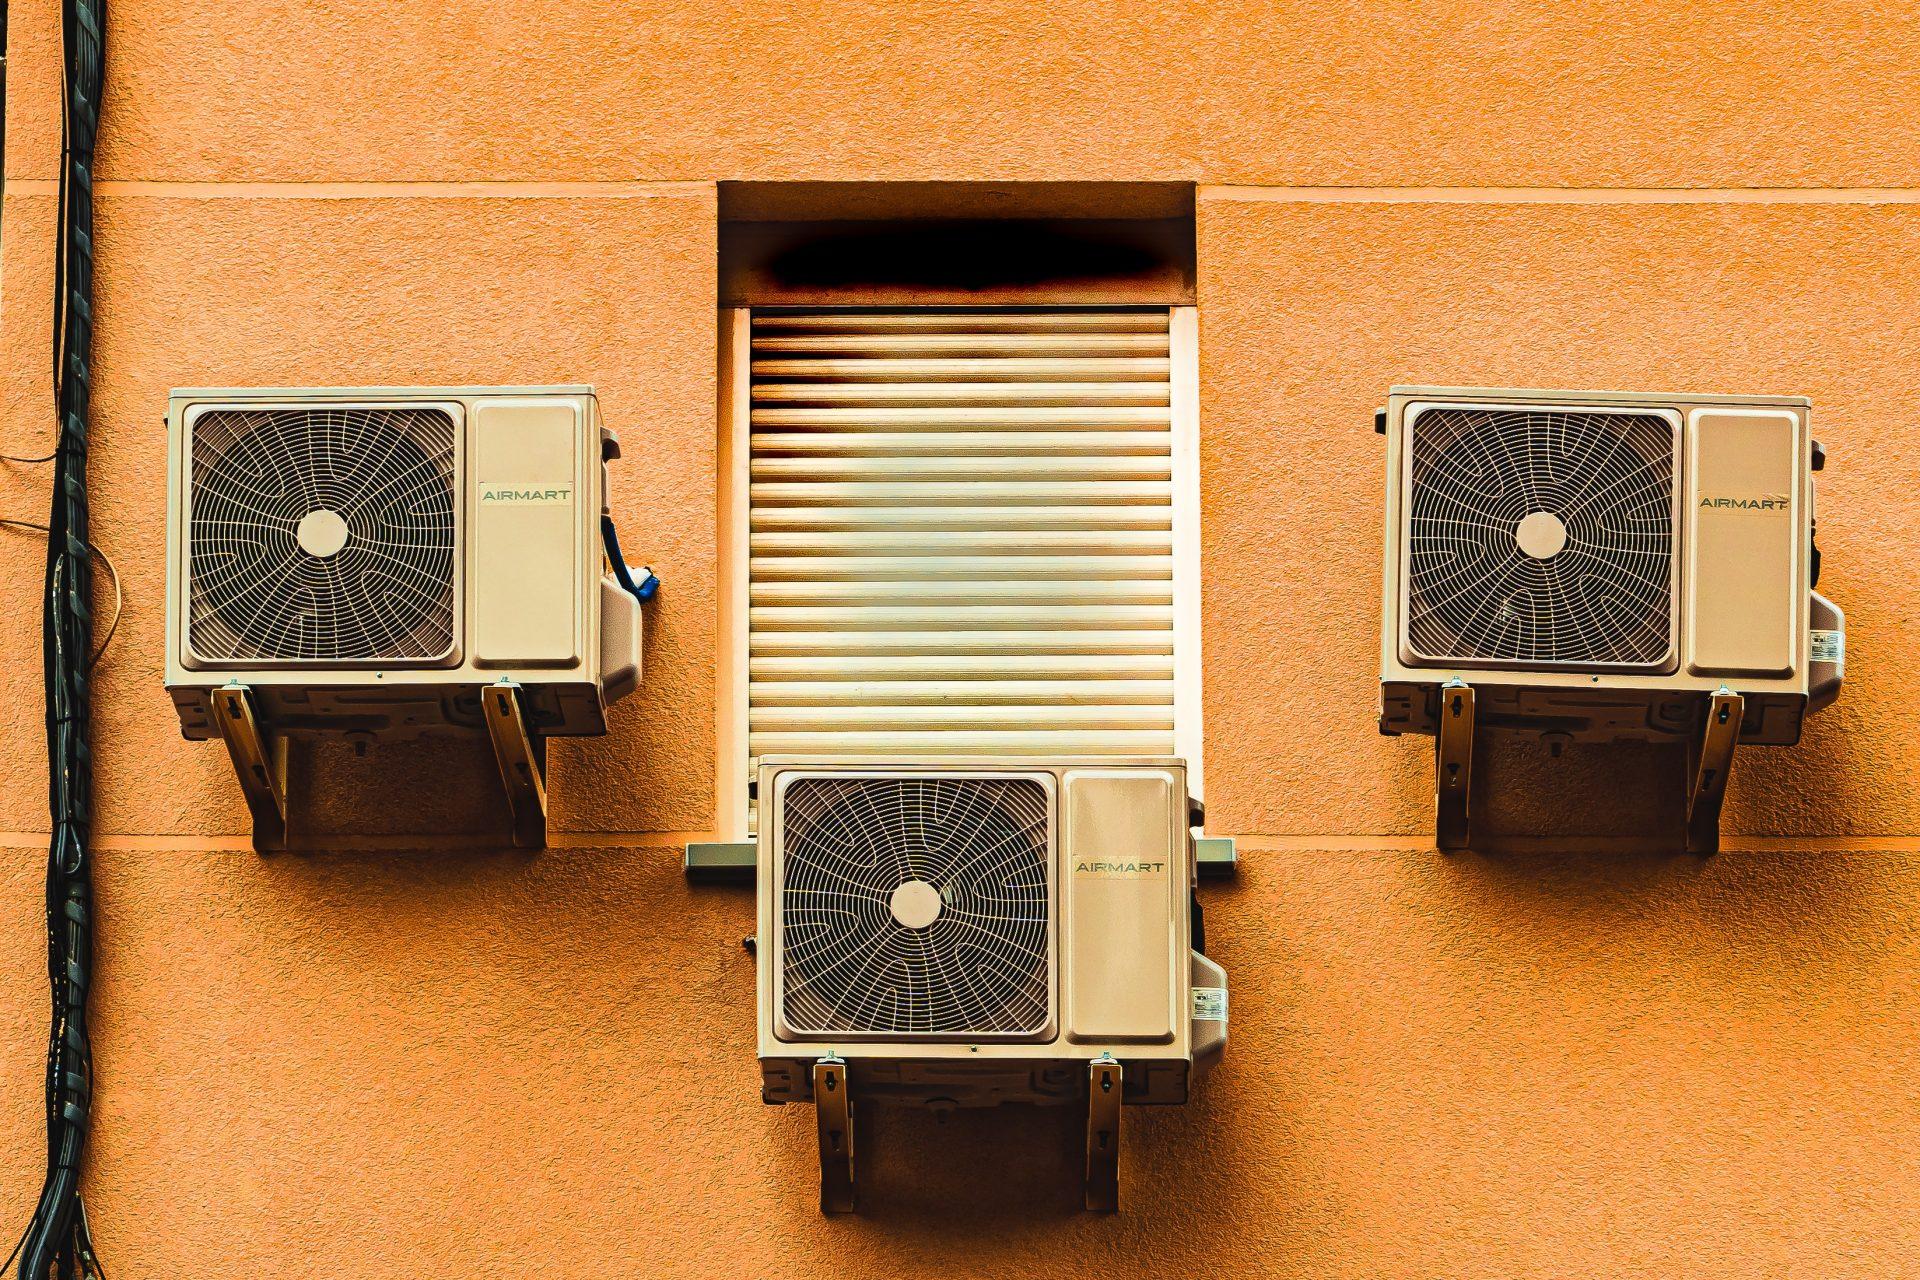 Stad geeft elke vereniging CO2-meter om luchtkwaliteit te meten